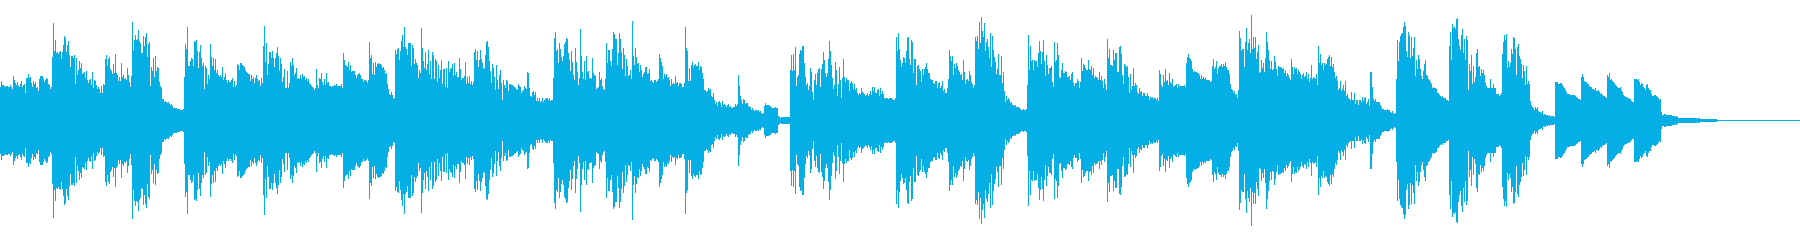 チップチューンのエンディングジングルの再生済みの波形